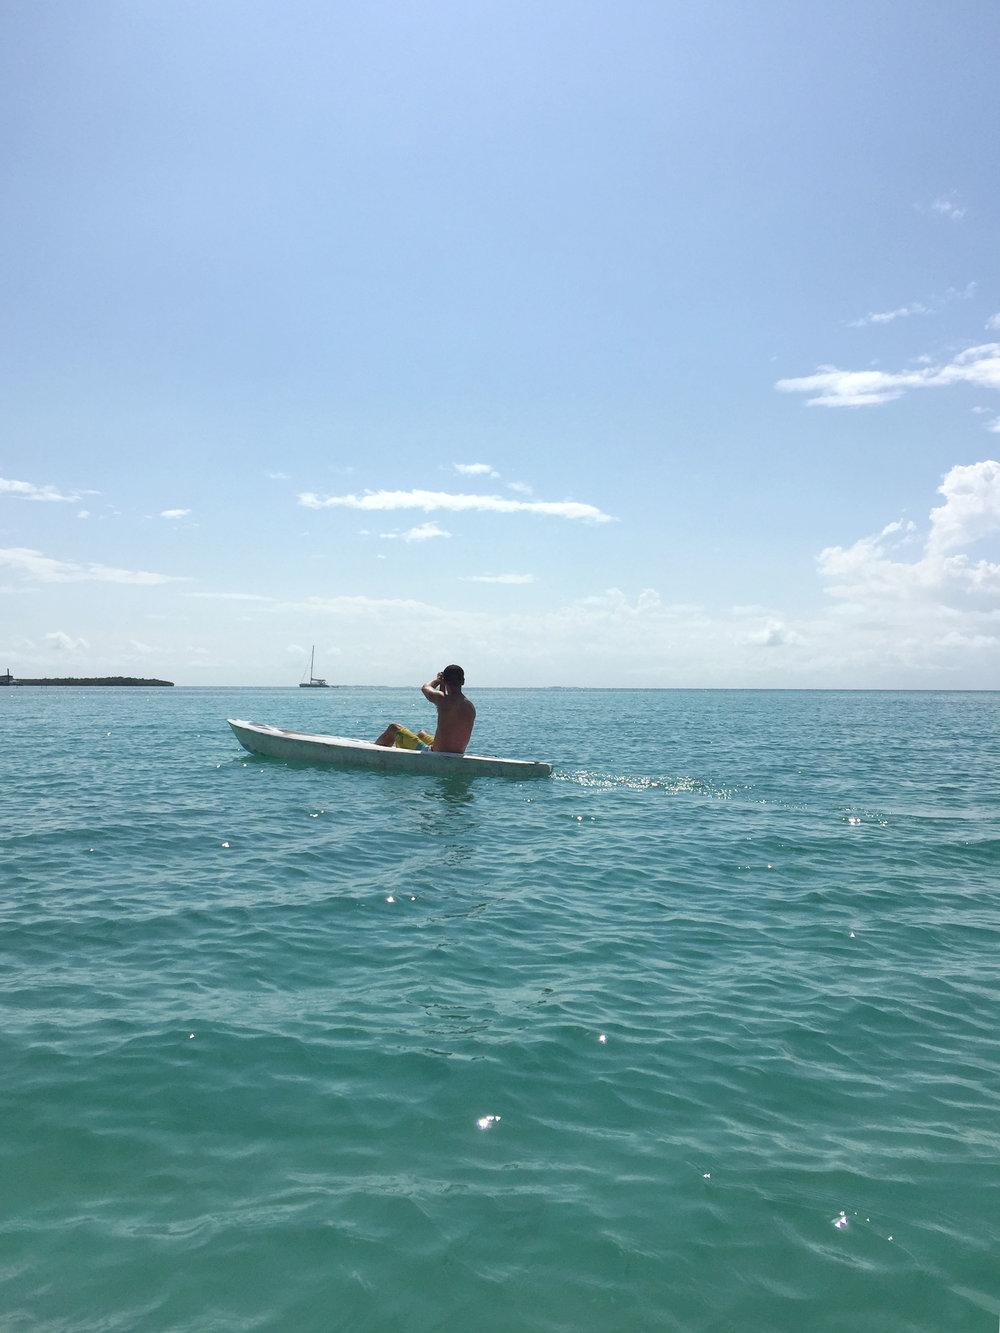 paddlinglingout_ameliagoss.jpg